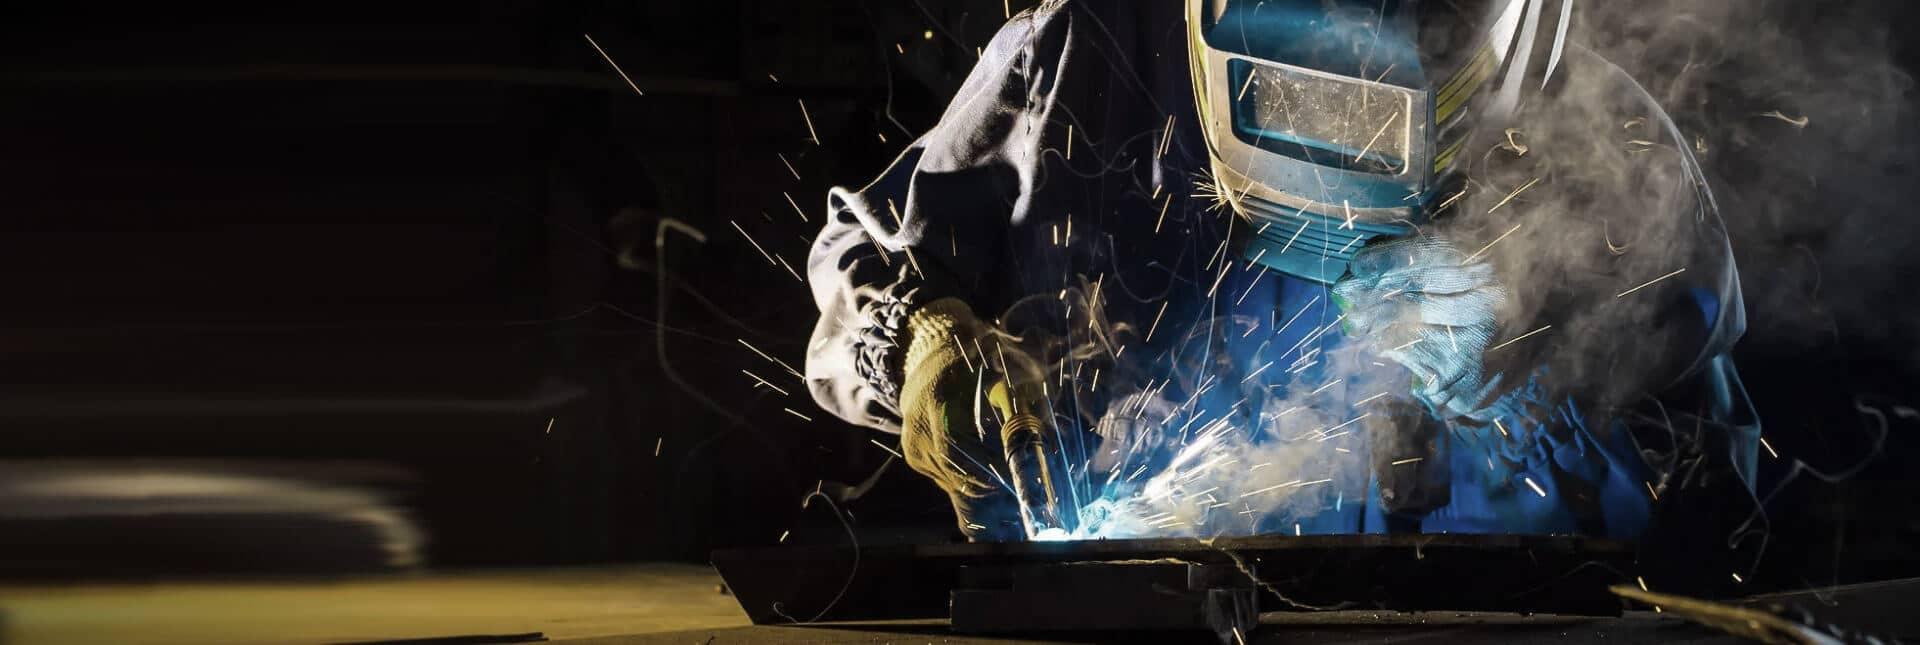 Tarmet obróbka metali